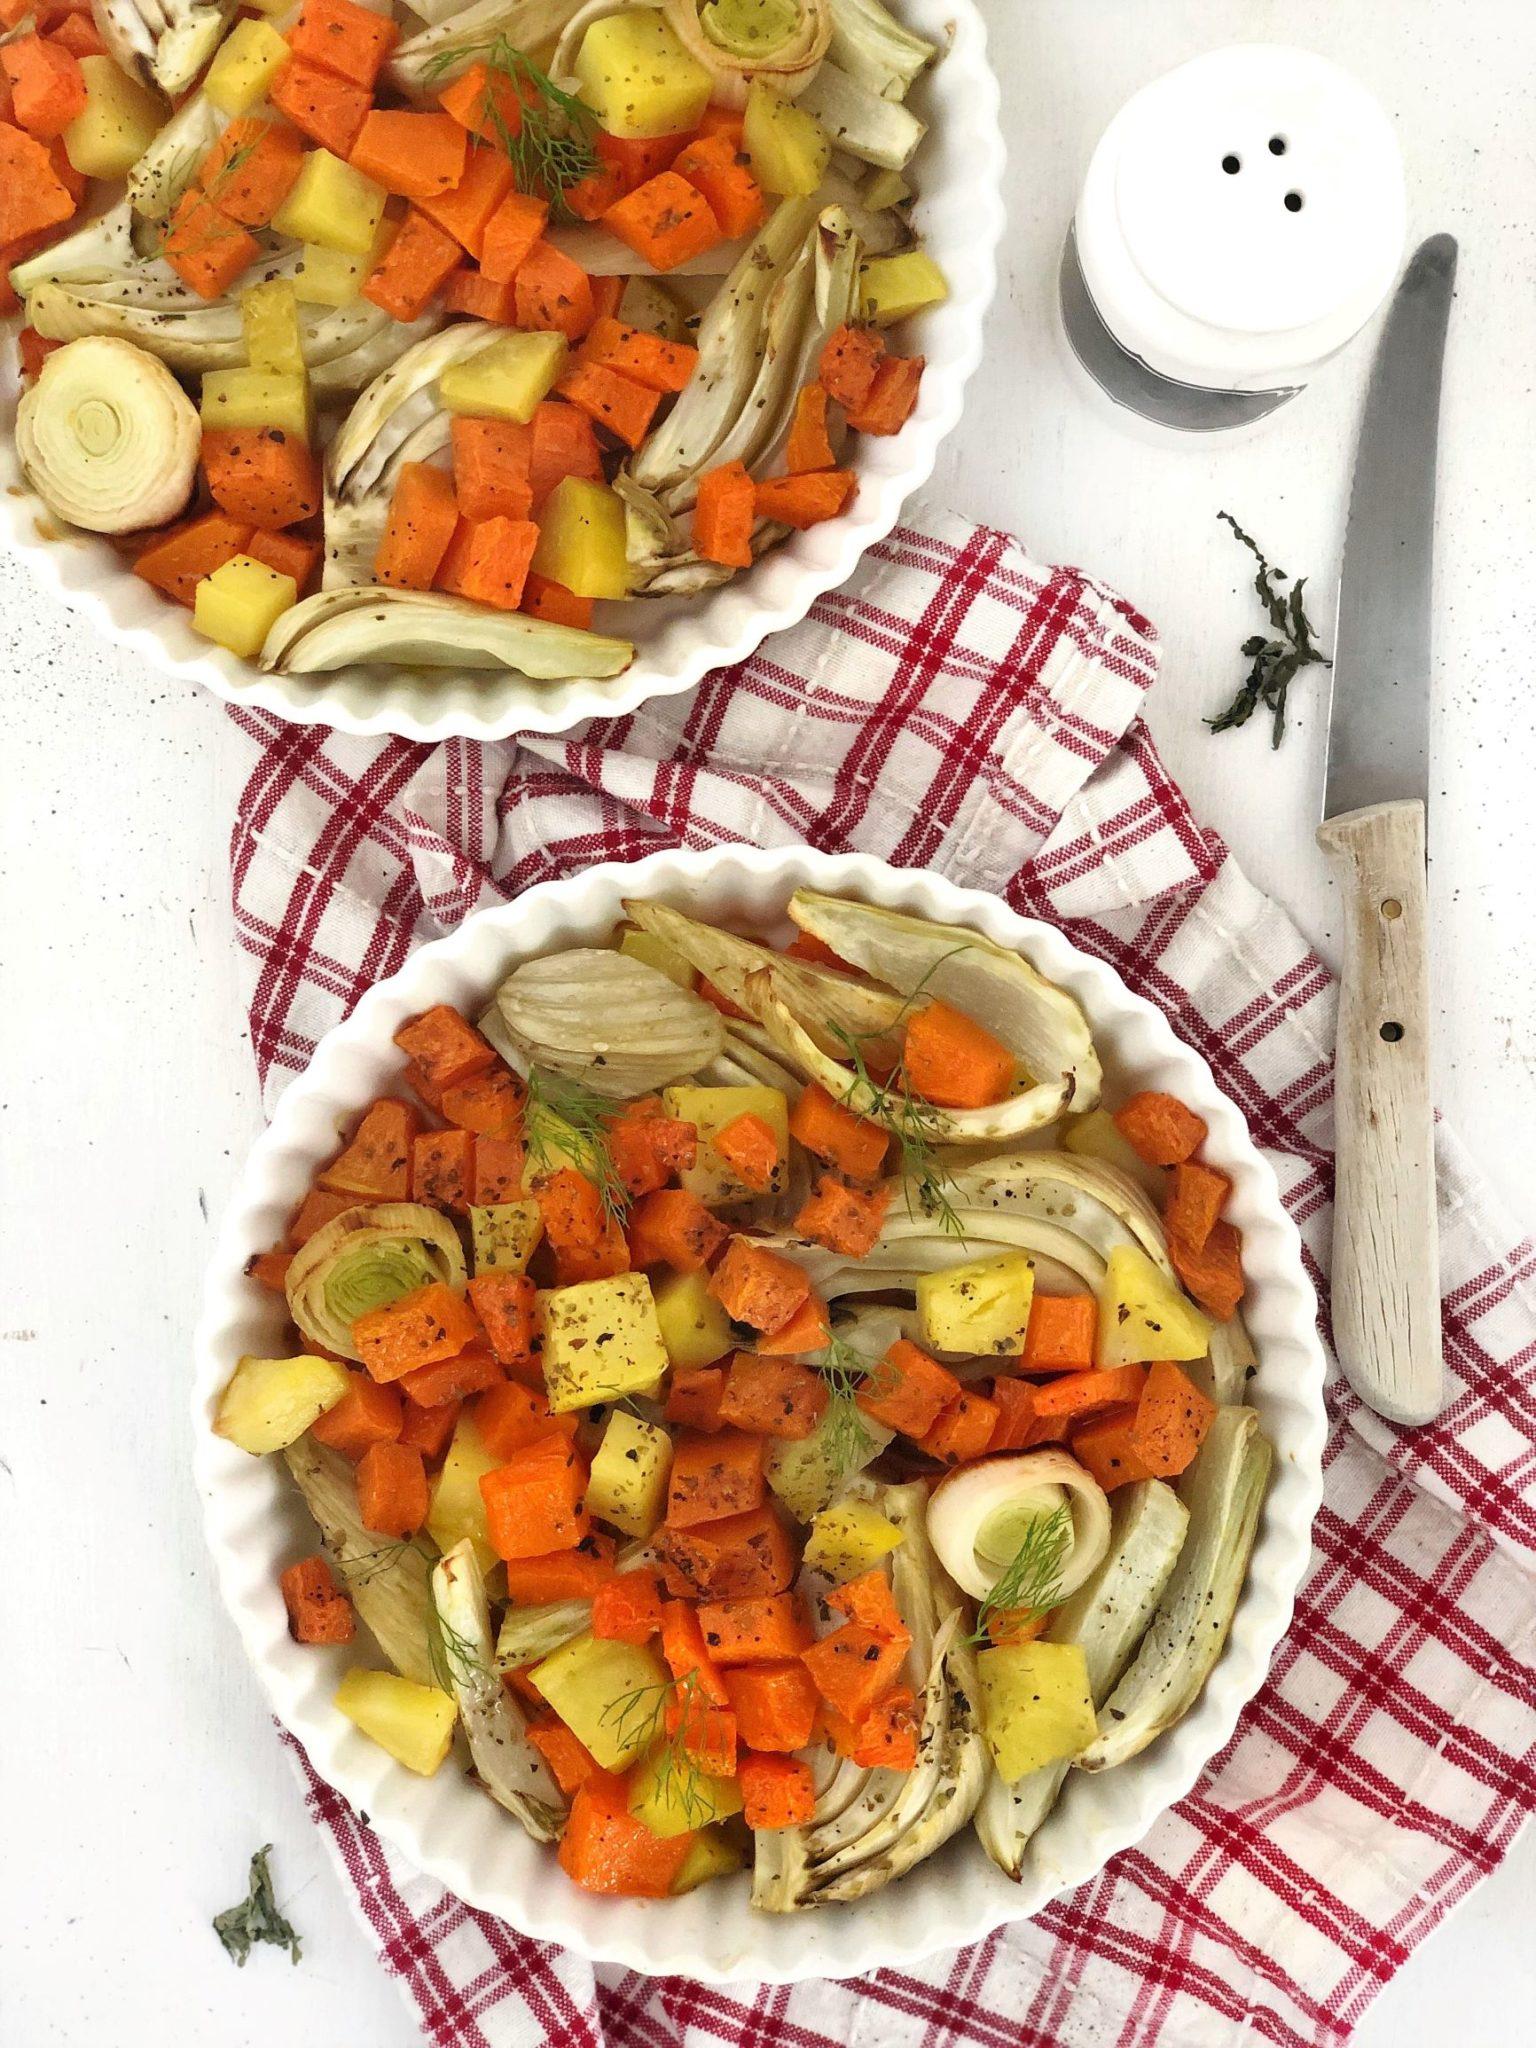 insalata cotta, verdure al forno